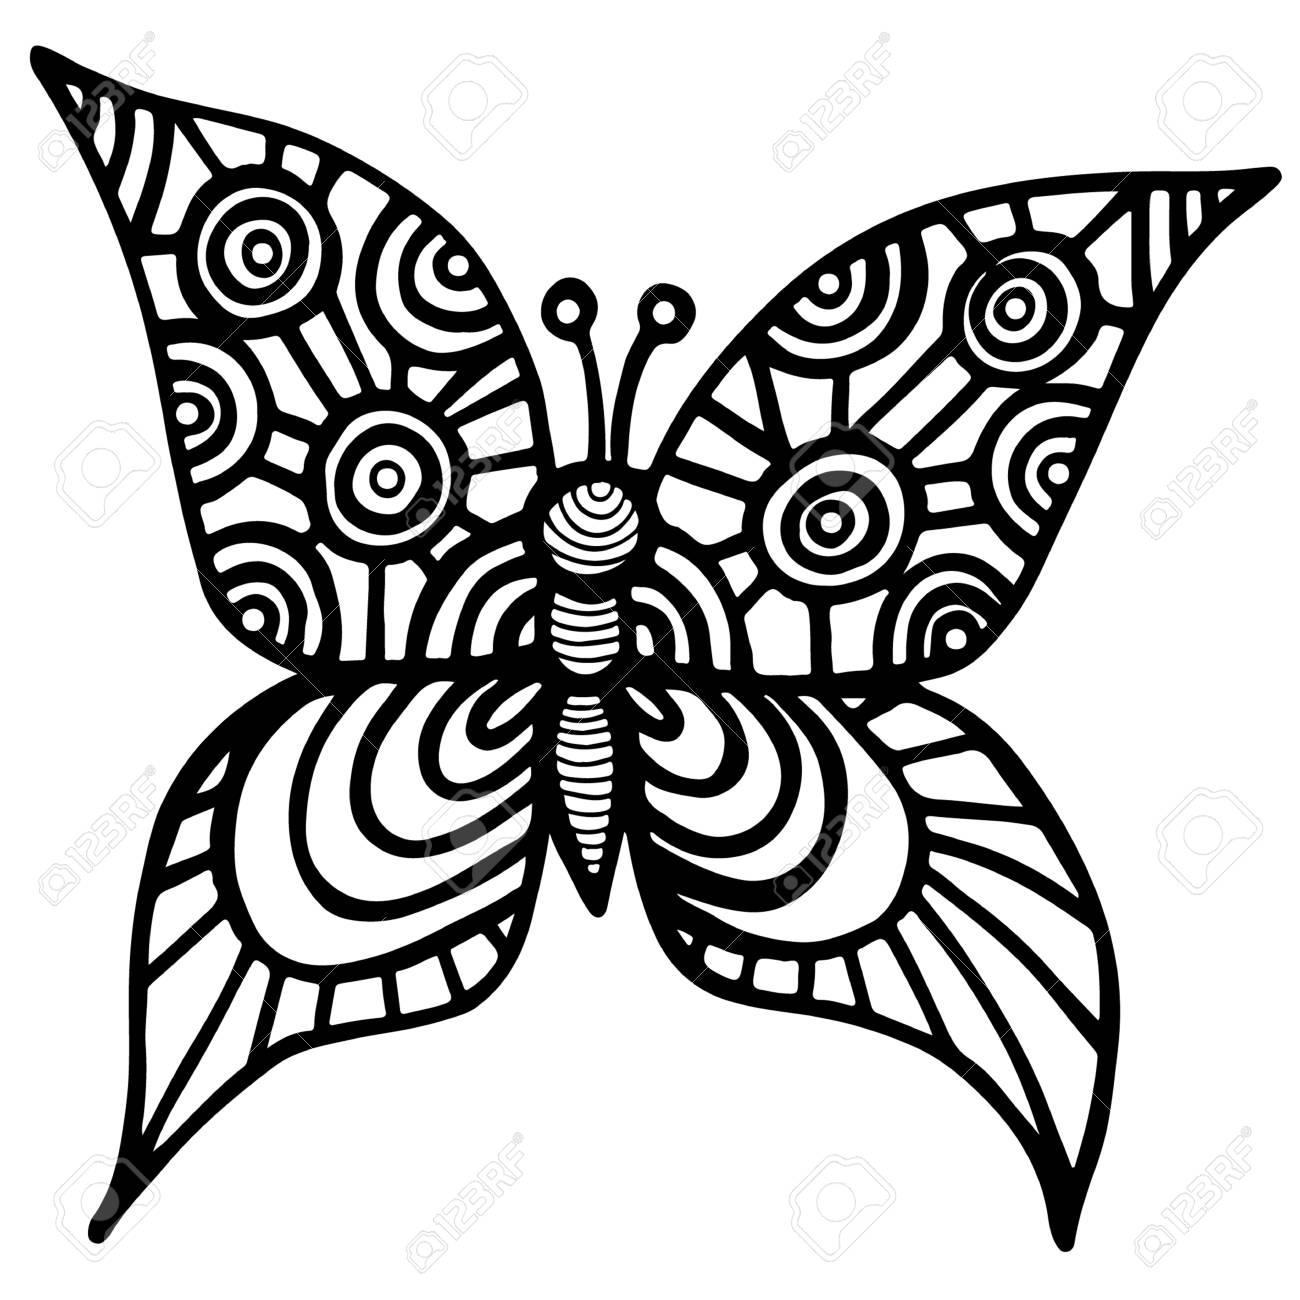 Papillon Isole Decoratif Pour Tatouage Livre De Coloriage Ou Page Pour Adultes Et Enfants Isoles Sur Fond Blanc